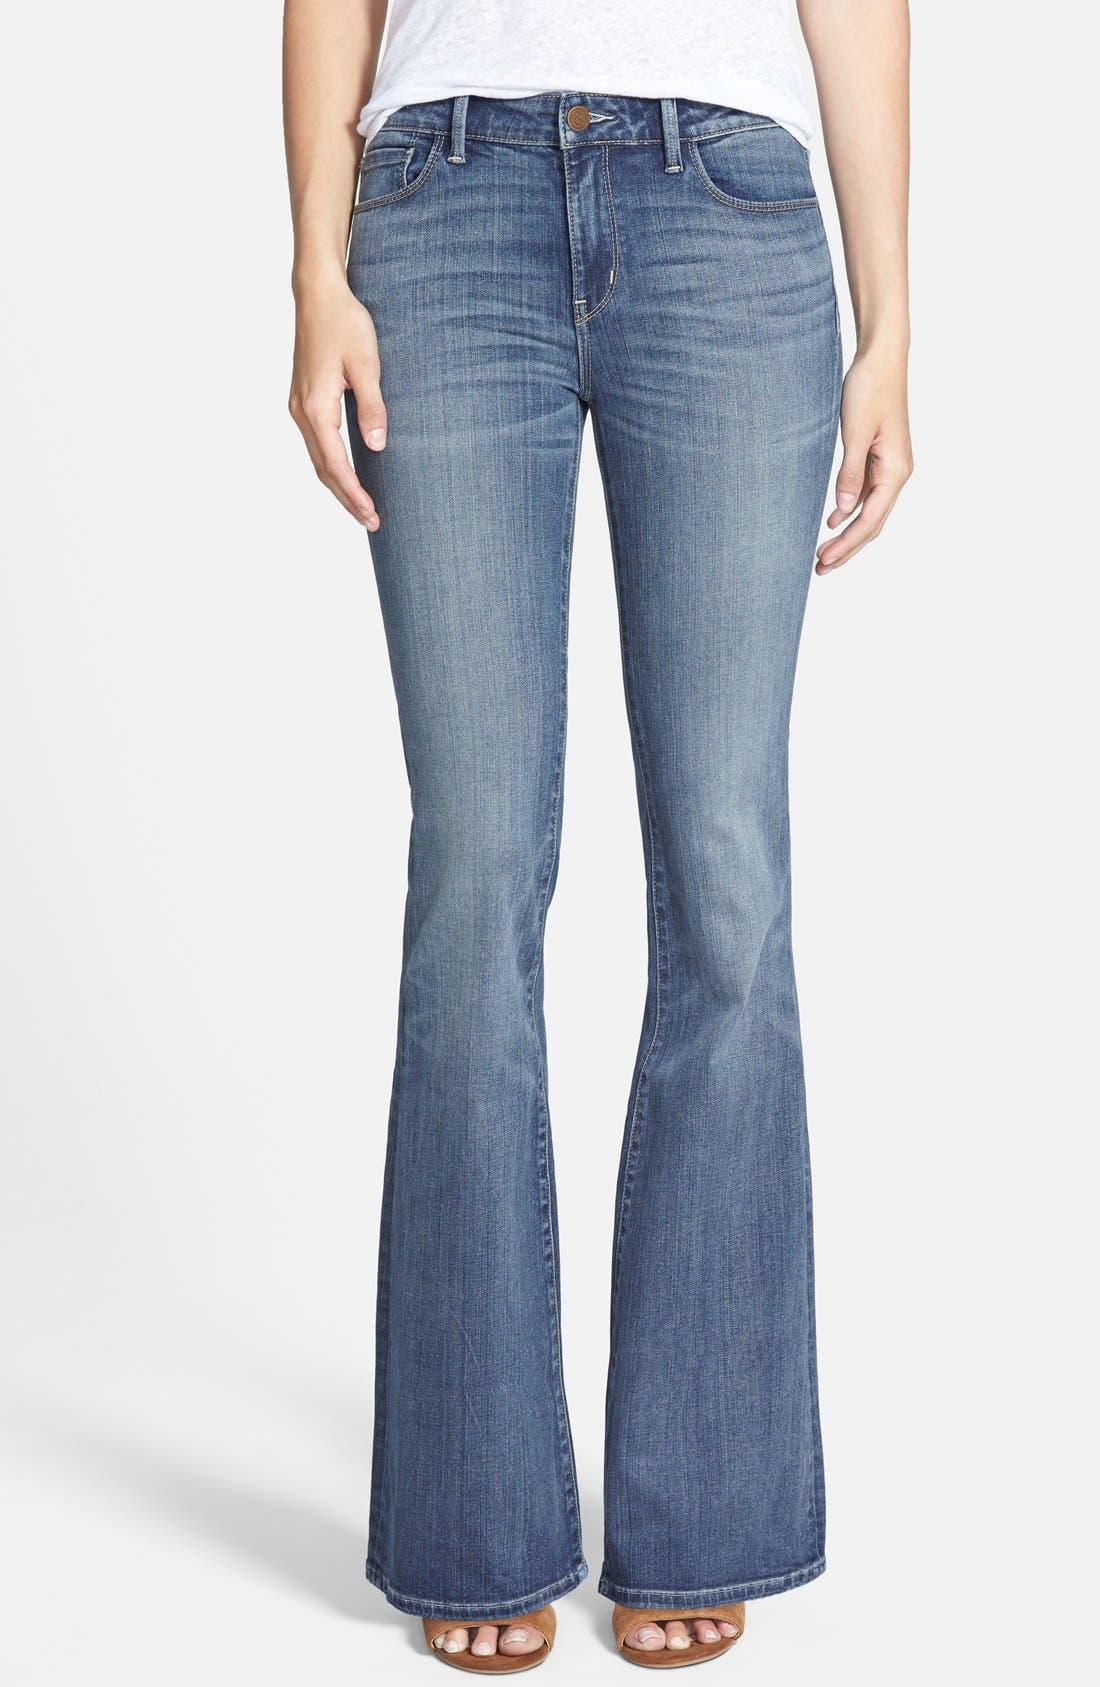 Alternate Image 1 Selected - Treasure&Bond Skinny Flare Jeans (Mode Medium Vintage)